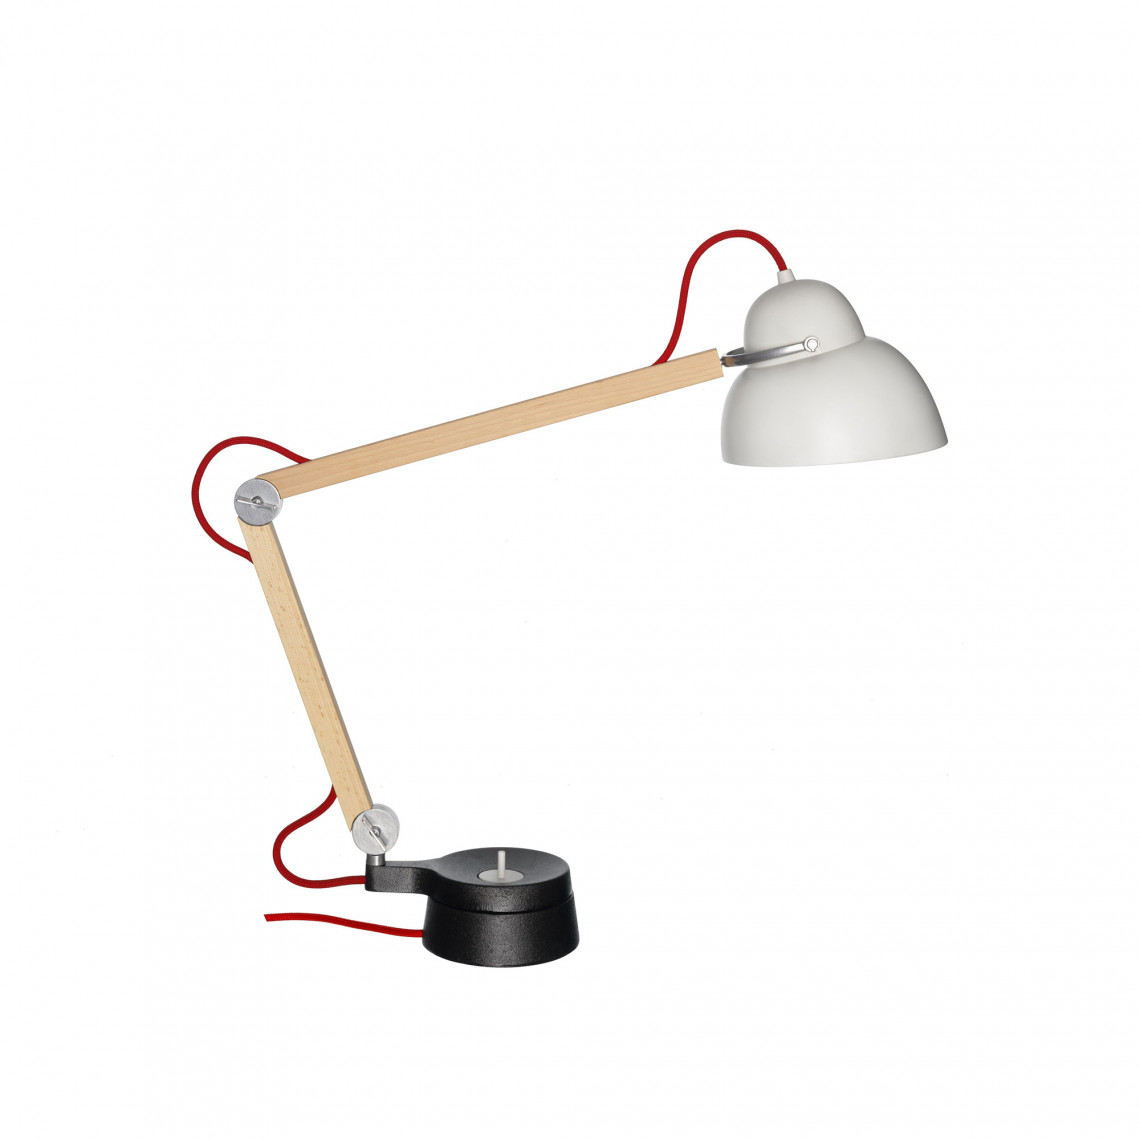 Studioilse w084 Lång Arm - Bordslampa Röd kabel